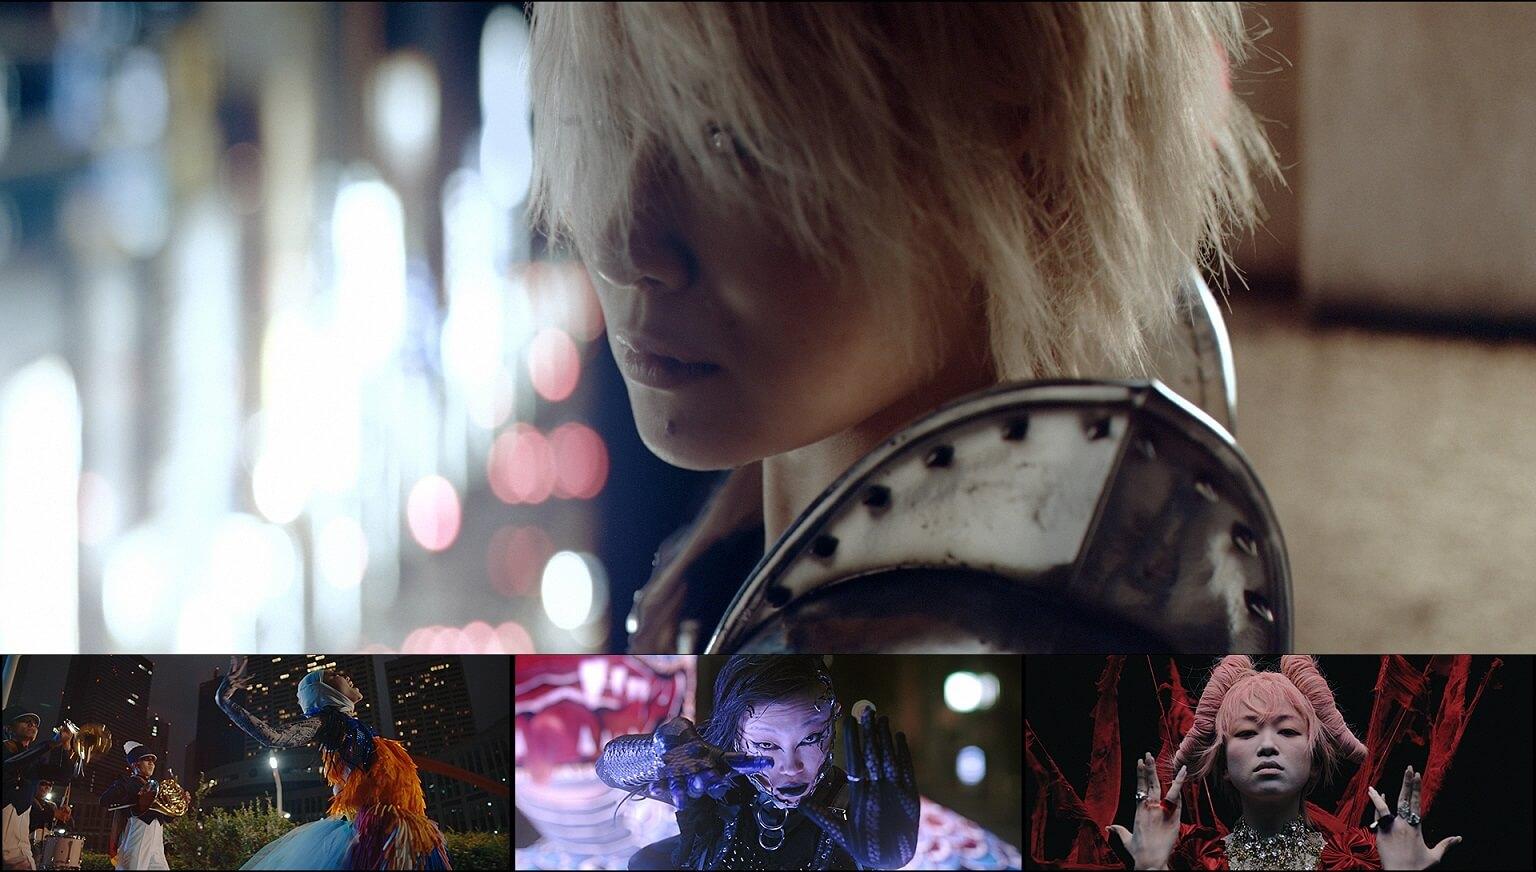 椎名林檎 Sheena ringo「鶏と蛇と豚」MV場面カットs